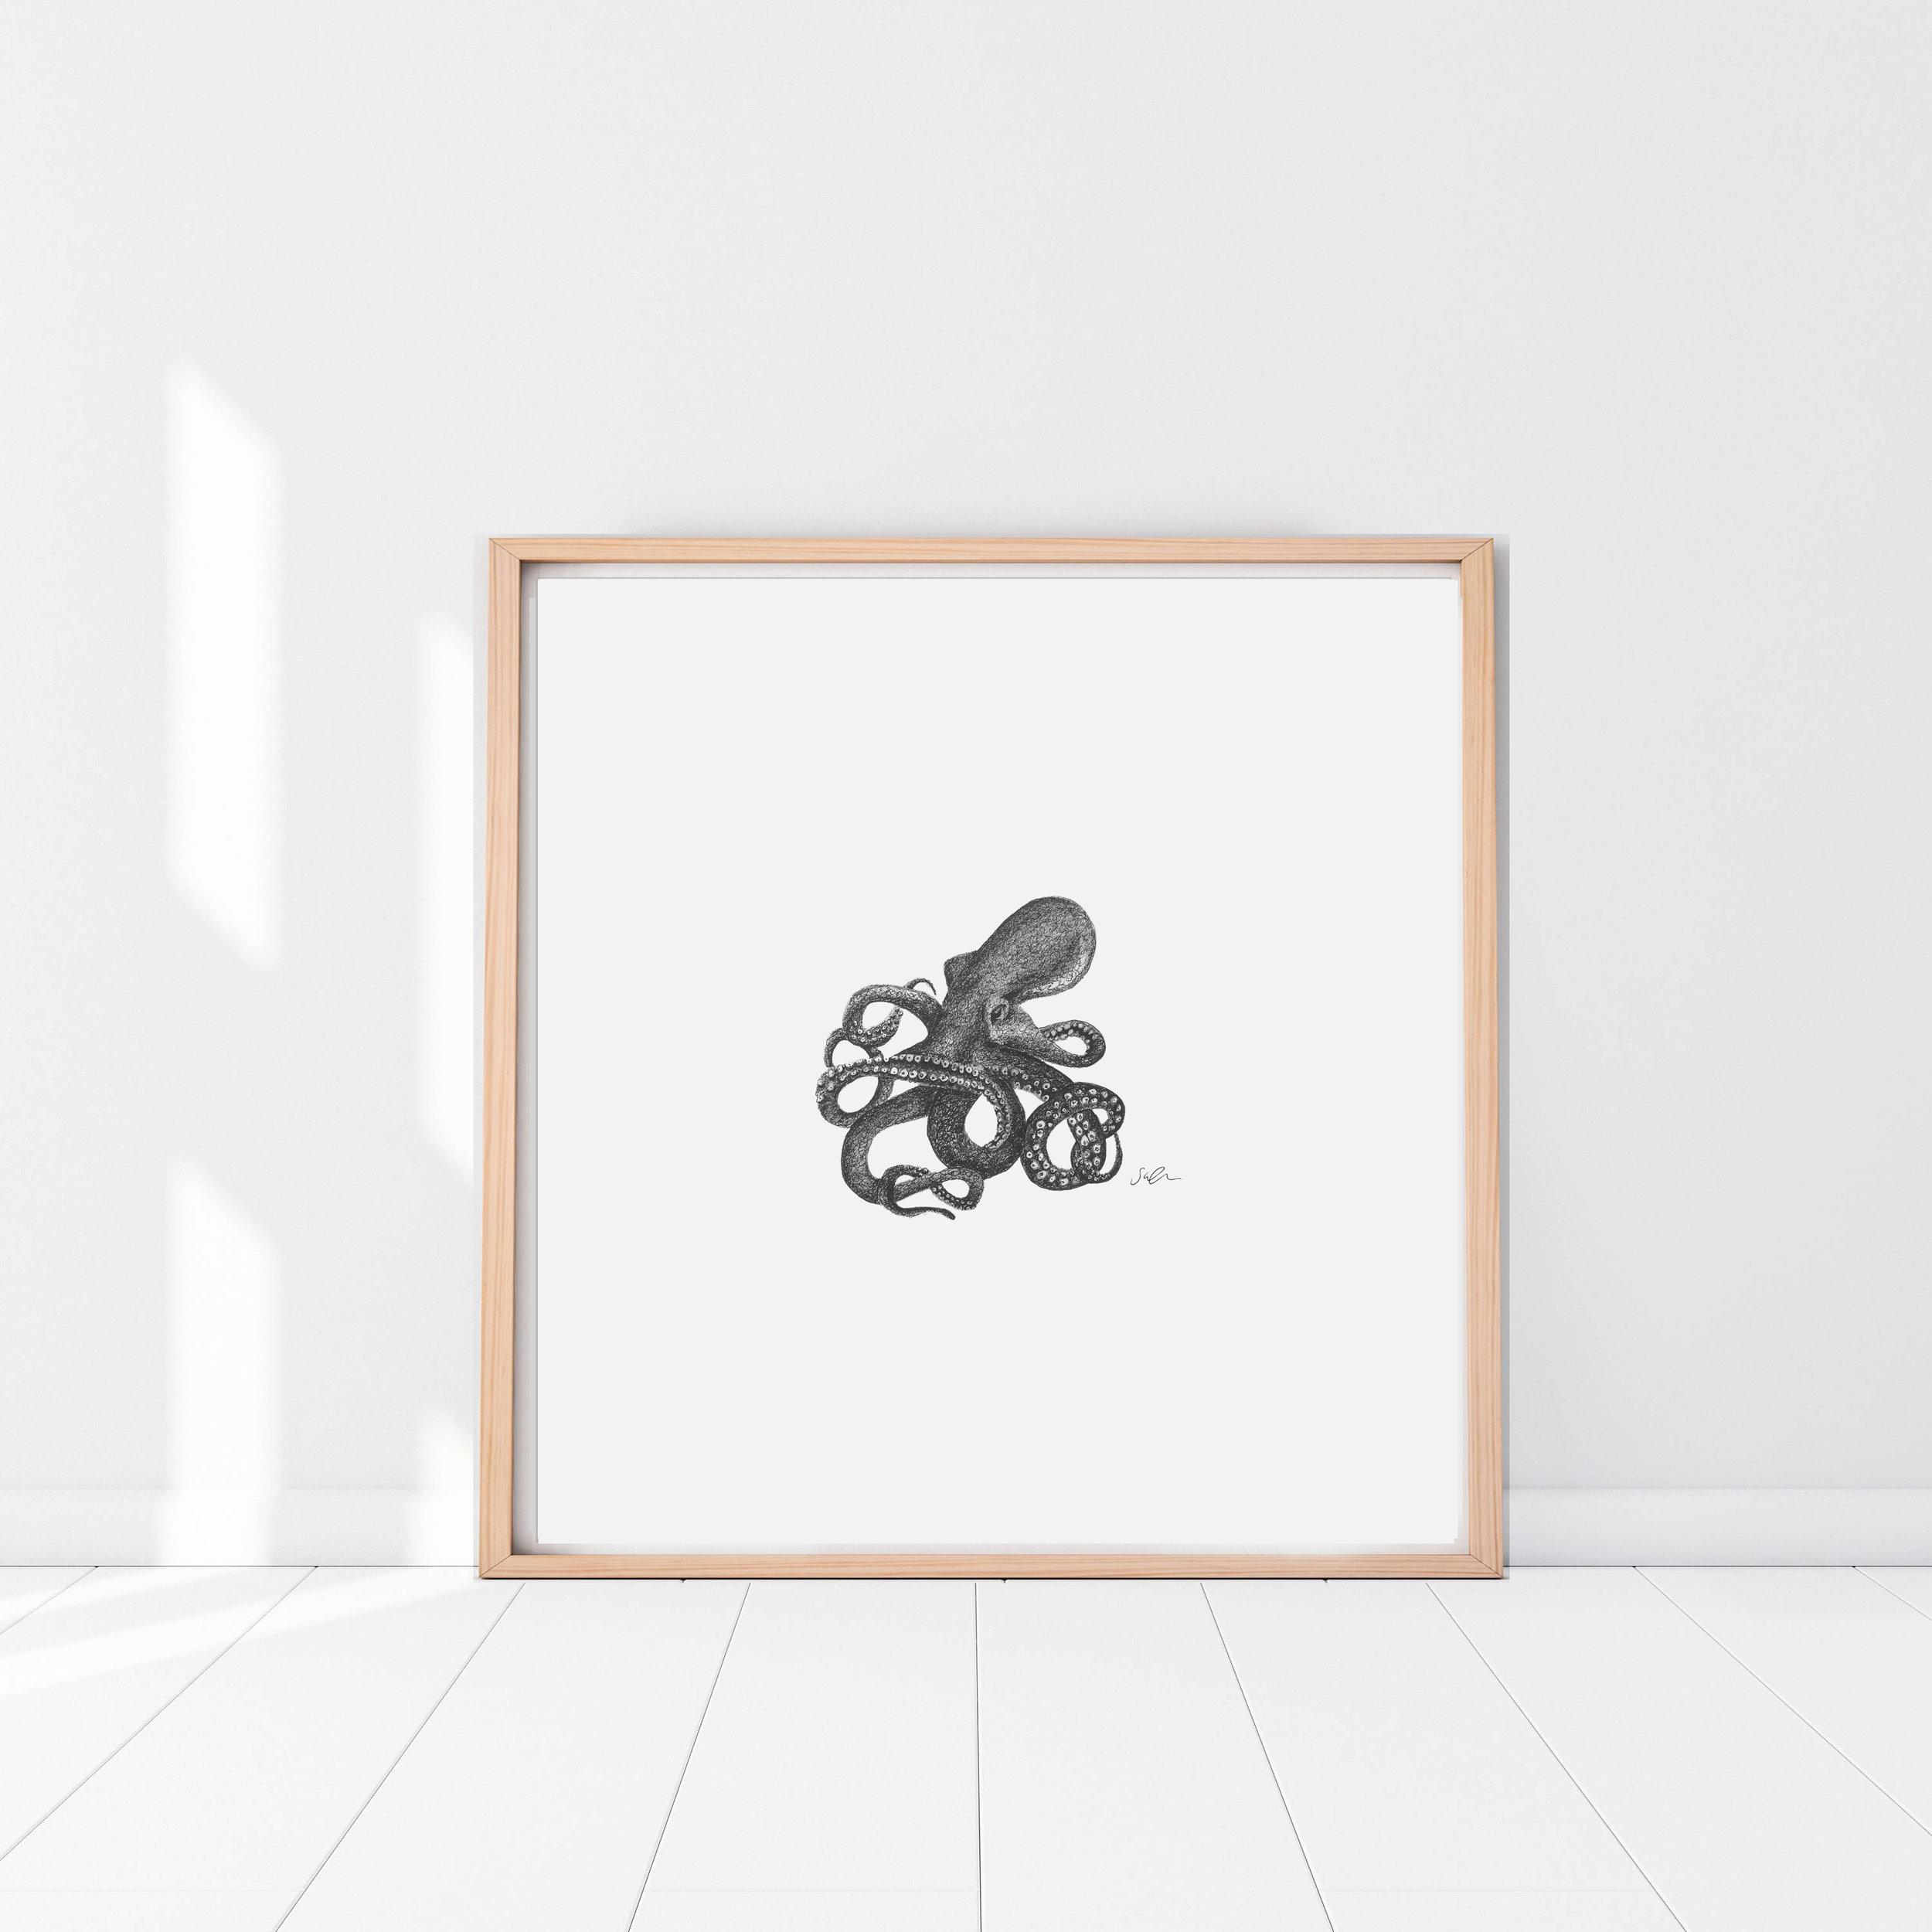 Octopus 2 Framed.jpg